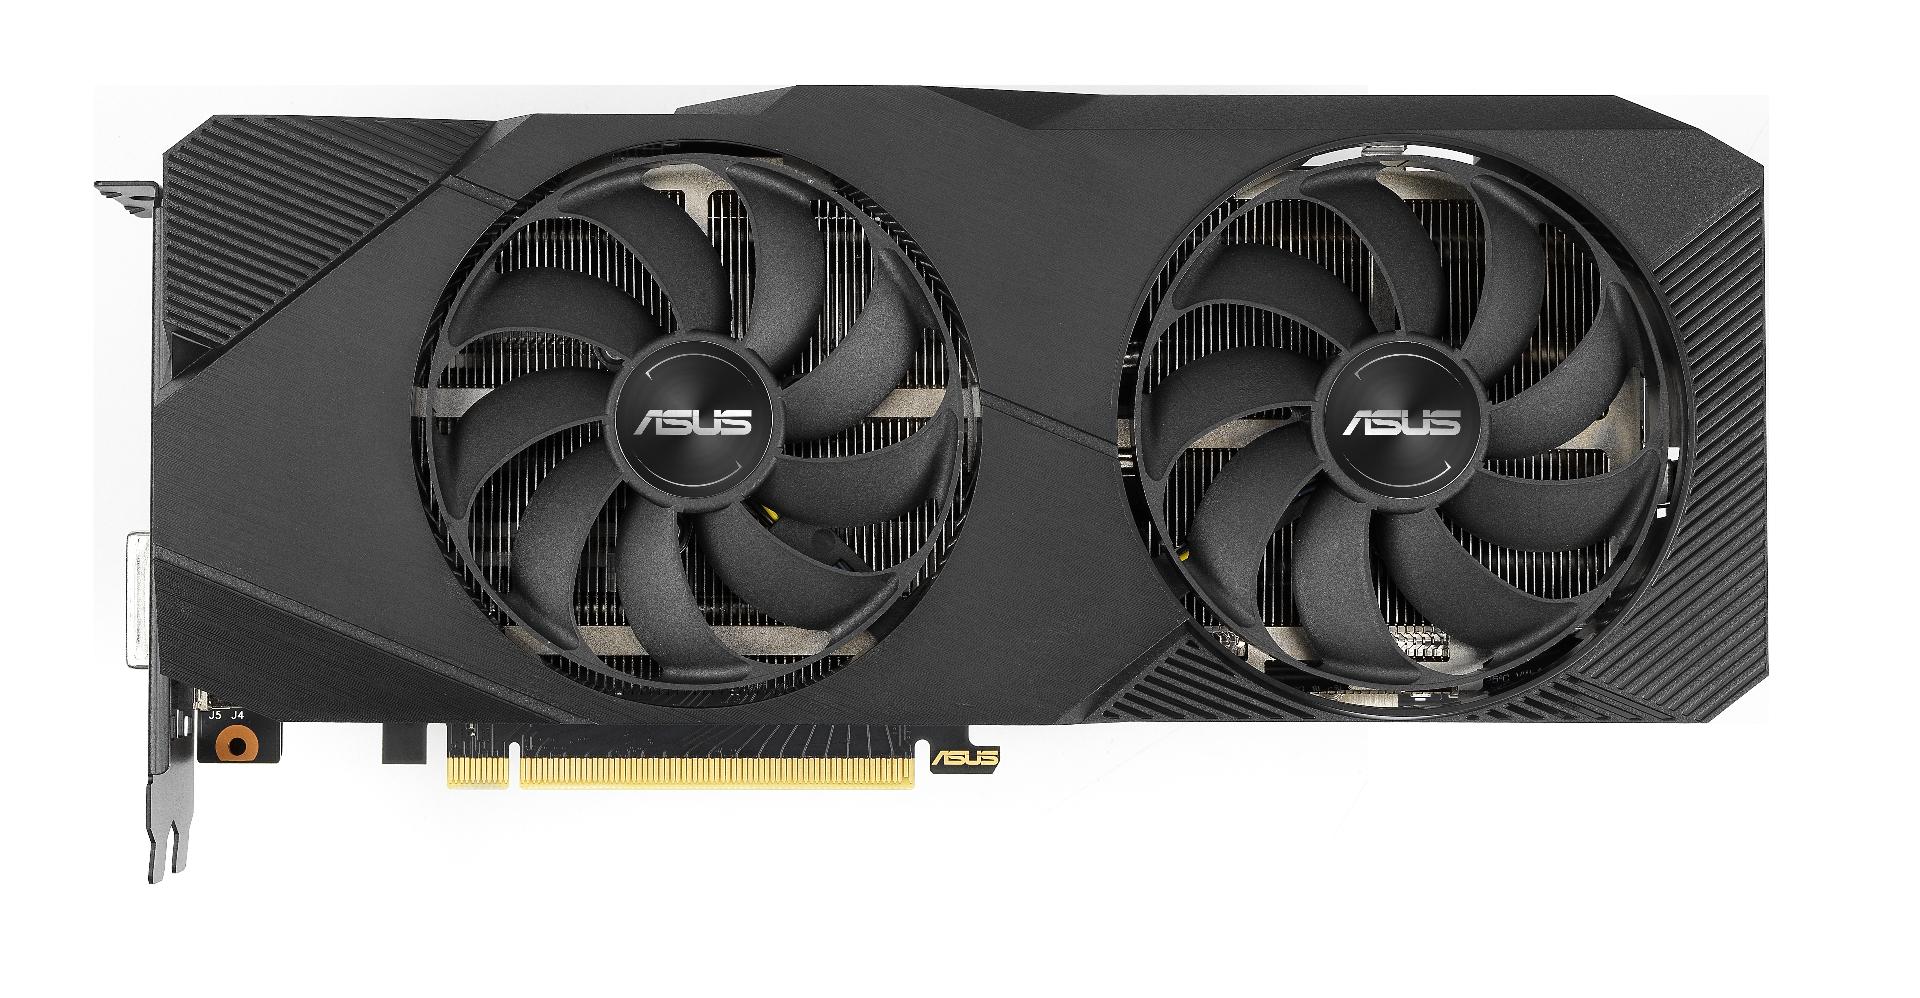 s1920x1080 dual rtx2060s 2d 2 jpg ASUS เปิดตัวกราฟิกการ์ด ROG Strix, ASUS Dual EVO, and ASUS Turbo EVO ในซีรีย์ GeForce® RTX 20 SUPER™ มากมายแรงจัดเต็มหลายรุ่นเพื่อคอเกมส์มิ่งตัวจริง!!